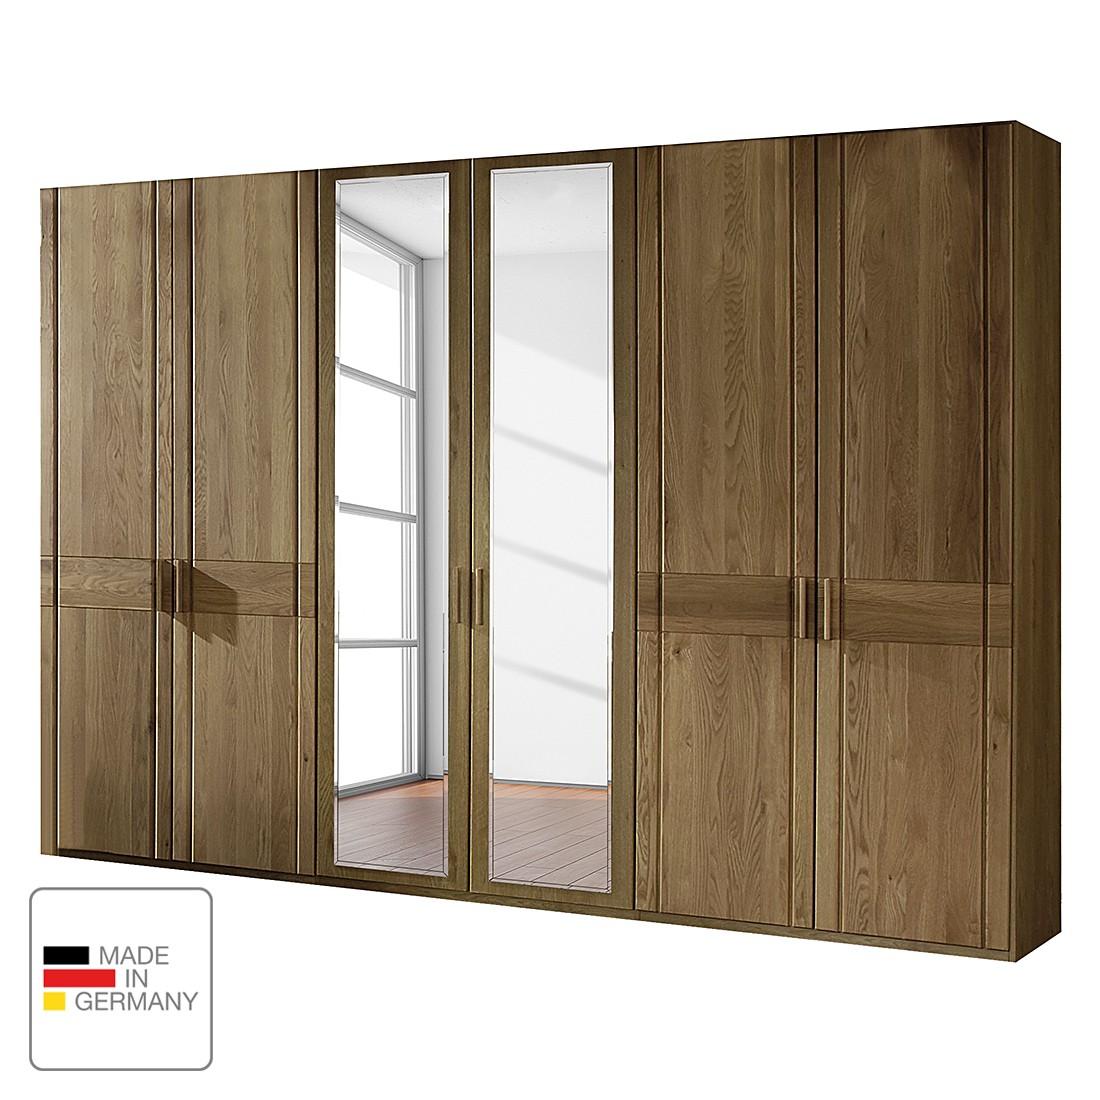 goedkoop Draaideurkast Münster deels massief eikenhout Zonder verlichting 350cm 7 deurs 1 spiegeldeur Zonder kroonlijst Wiemann